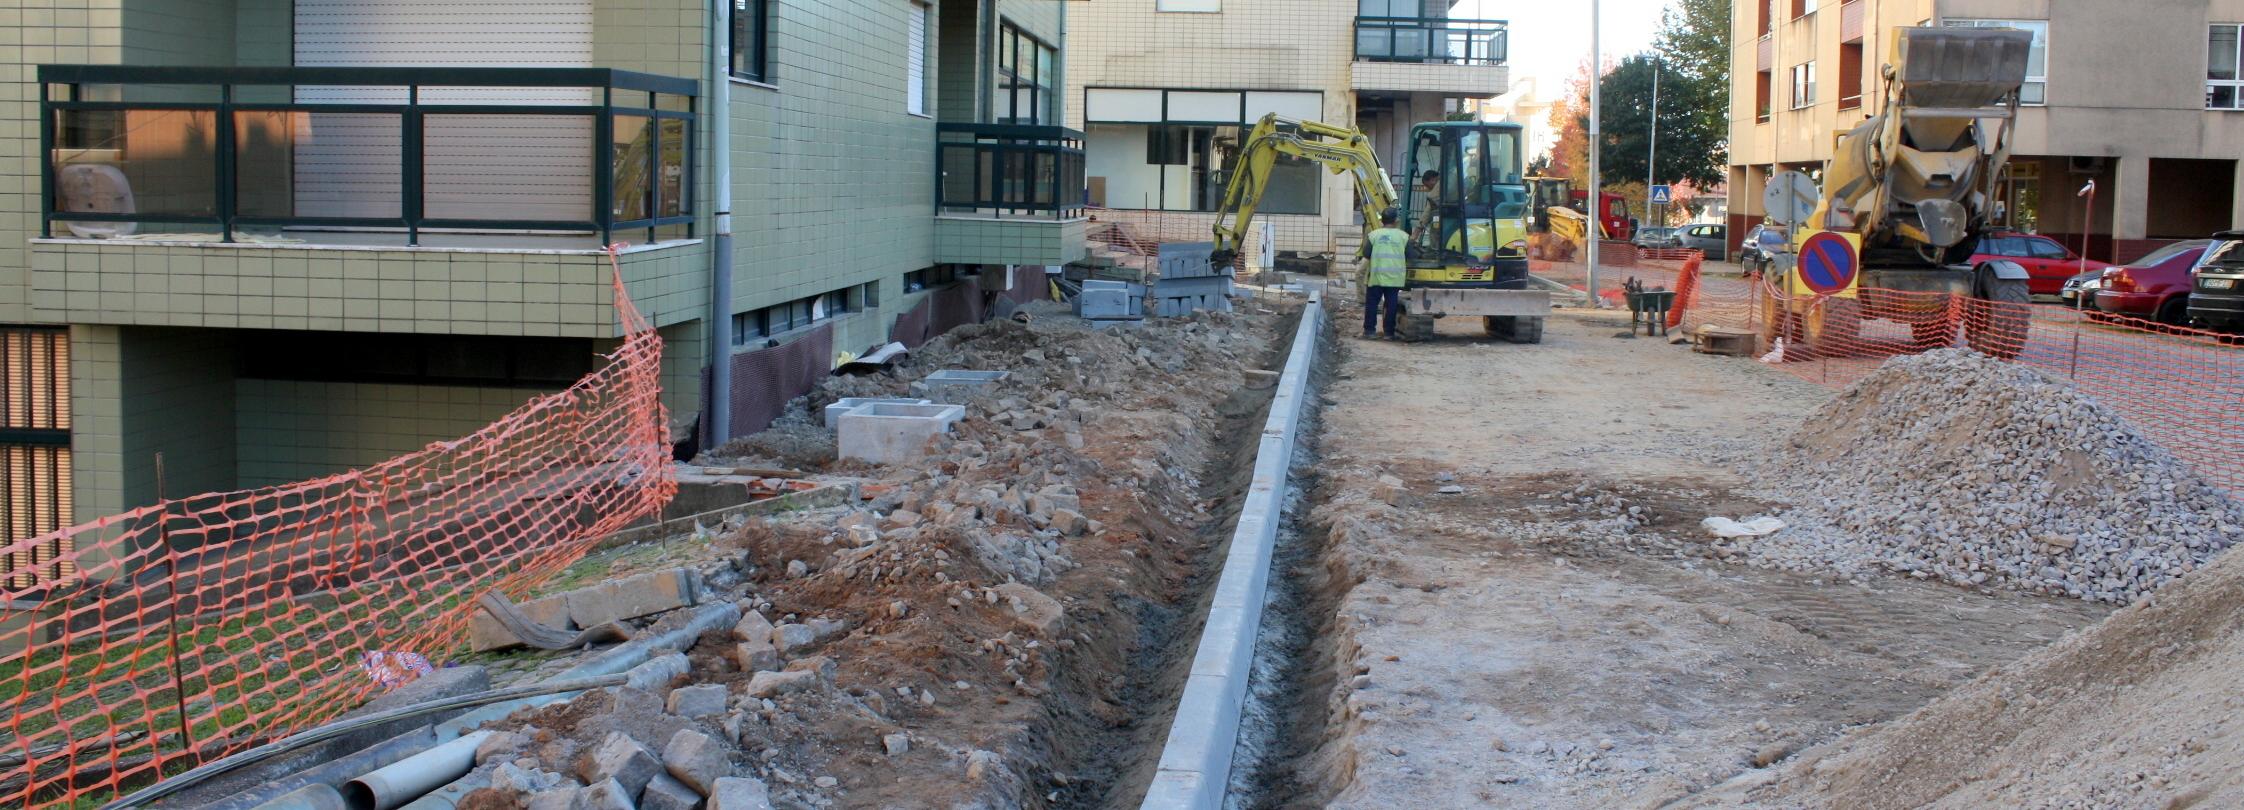 Câmara Municipal requalifica redes e pavimento junto ao Edifício Panorâmico